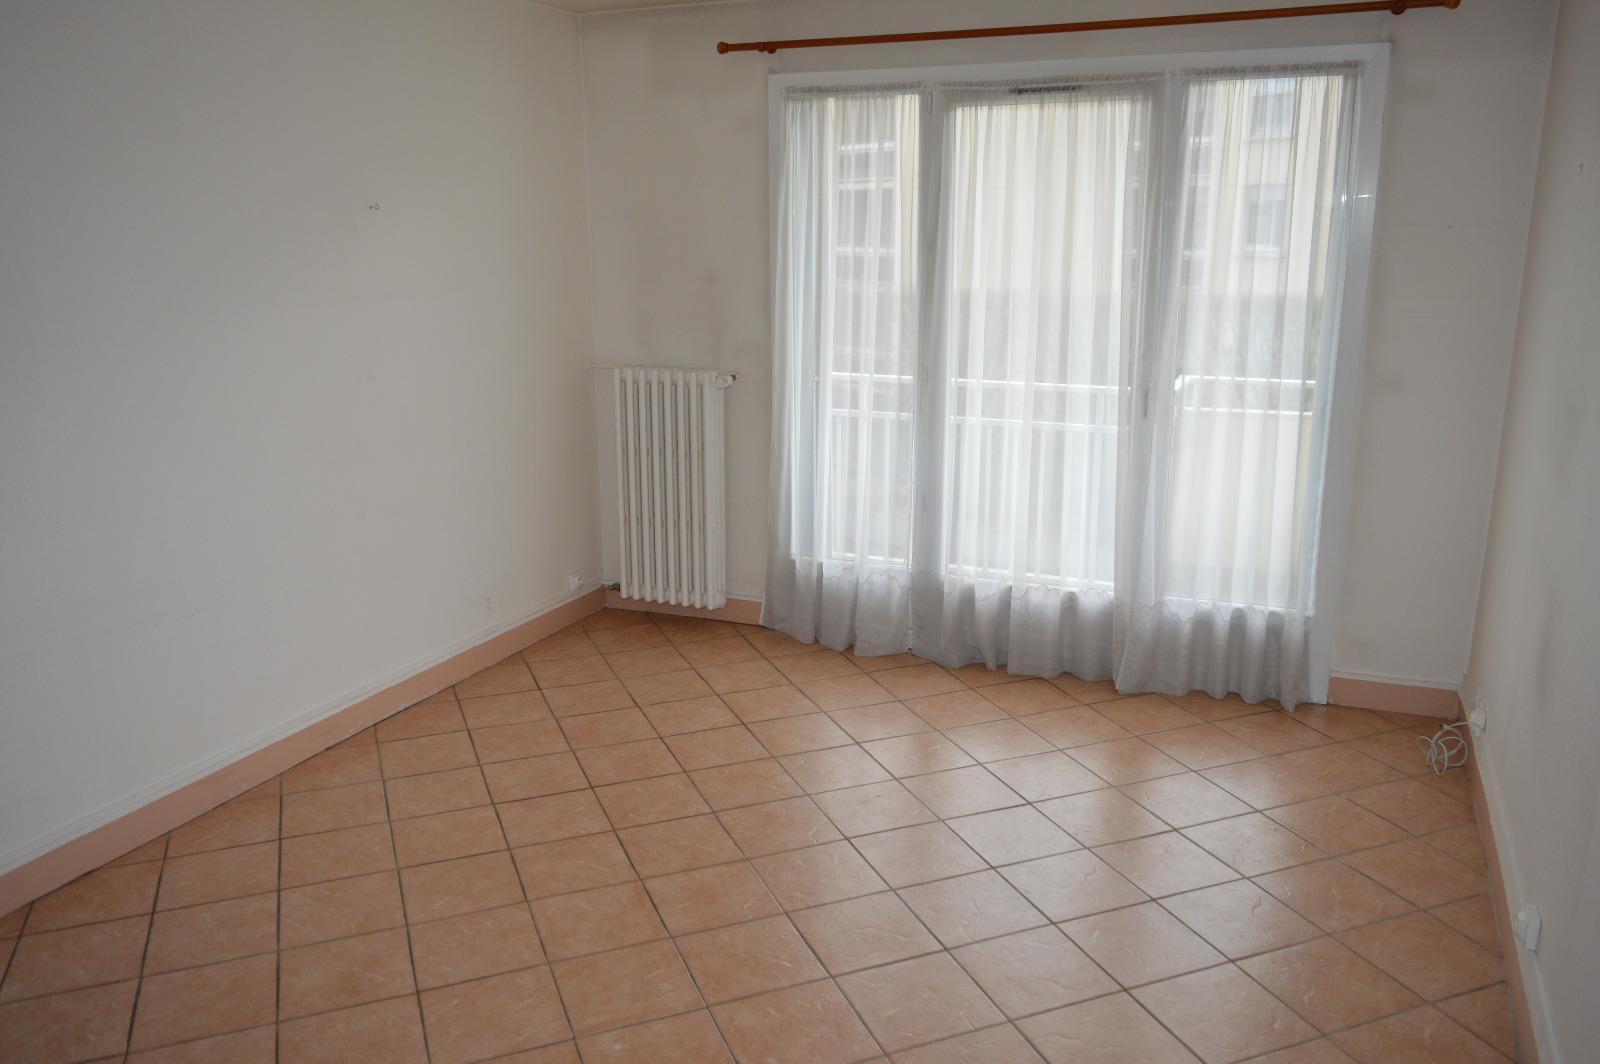 Vente appartement dreux avec agence du lion for Piscine de dreux